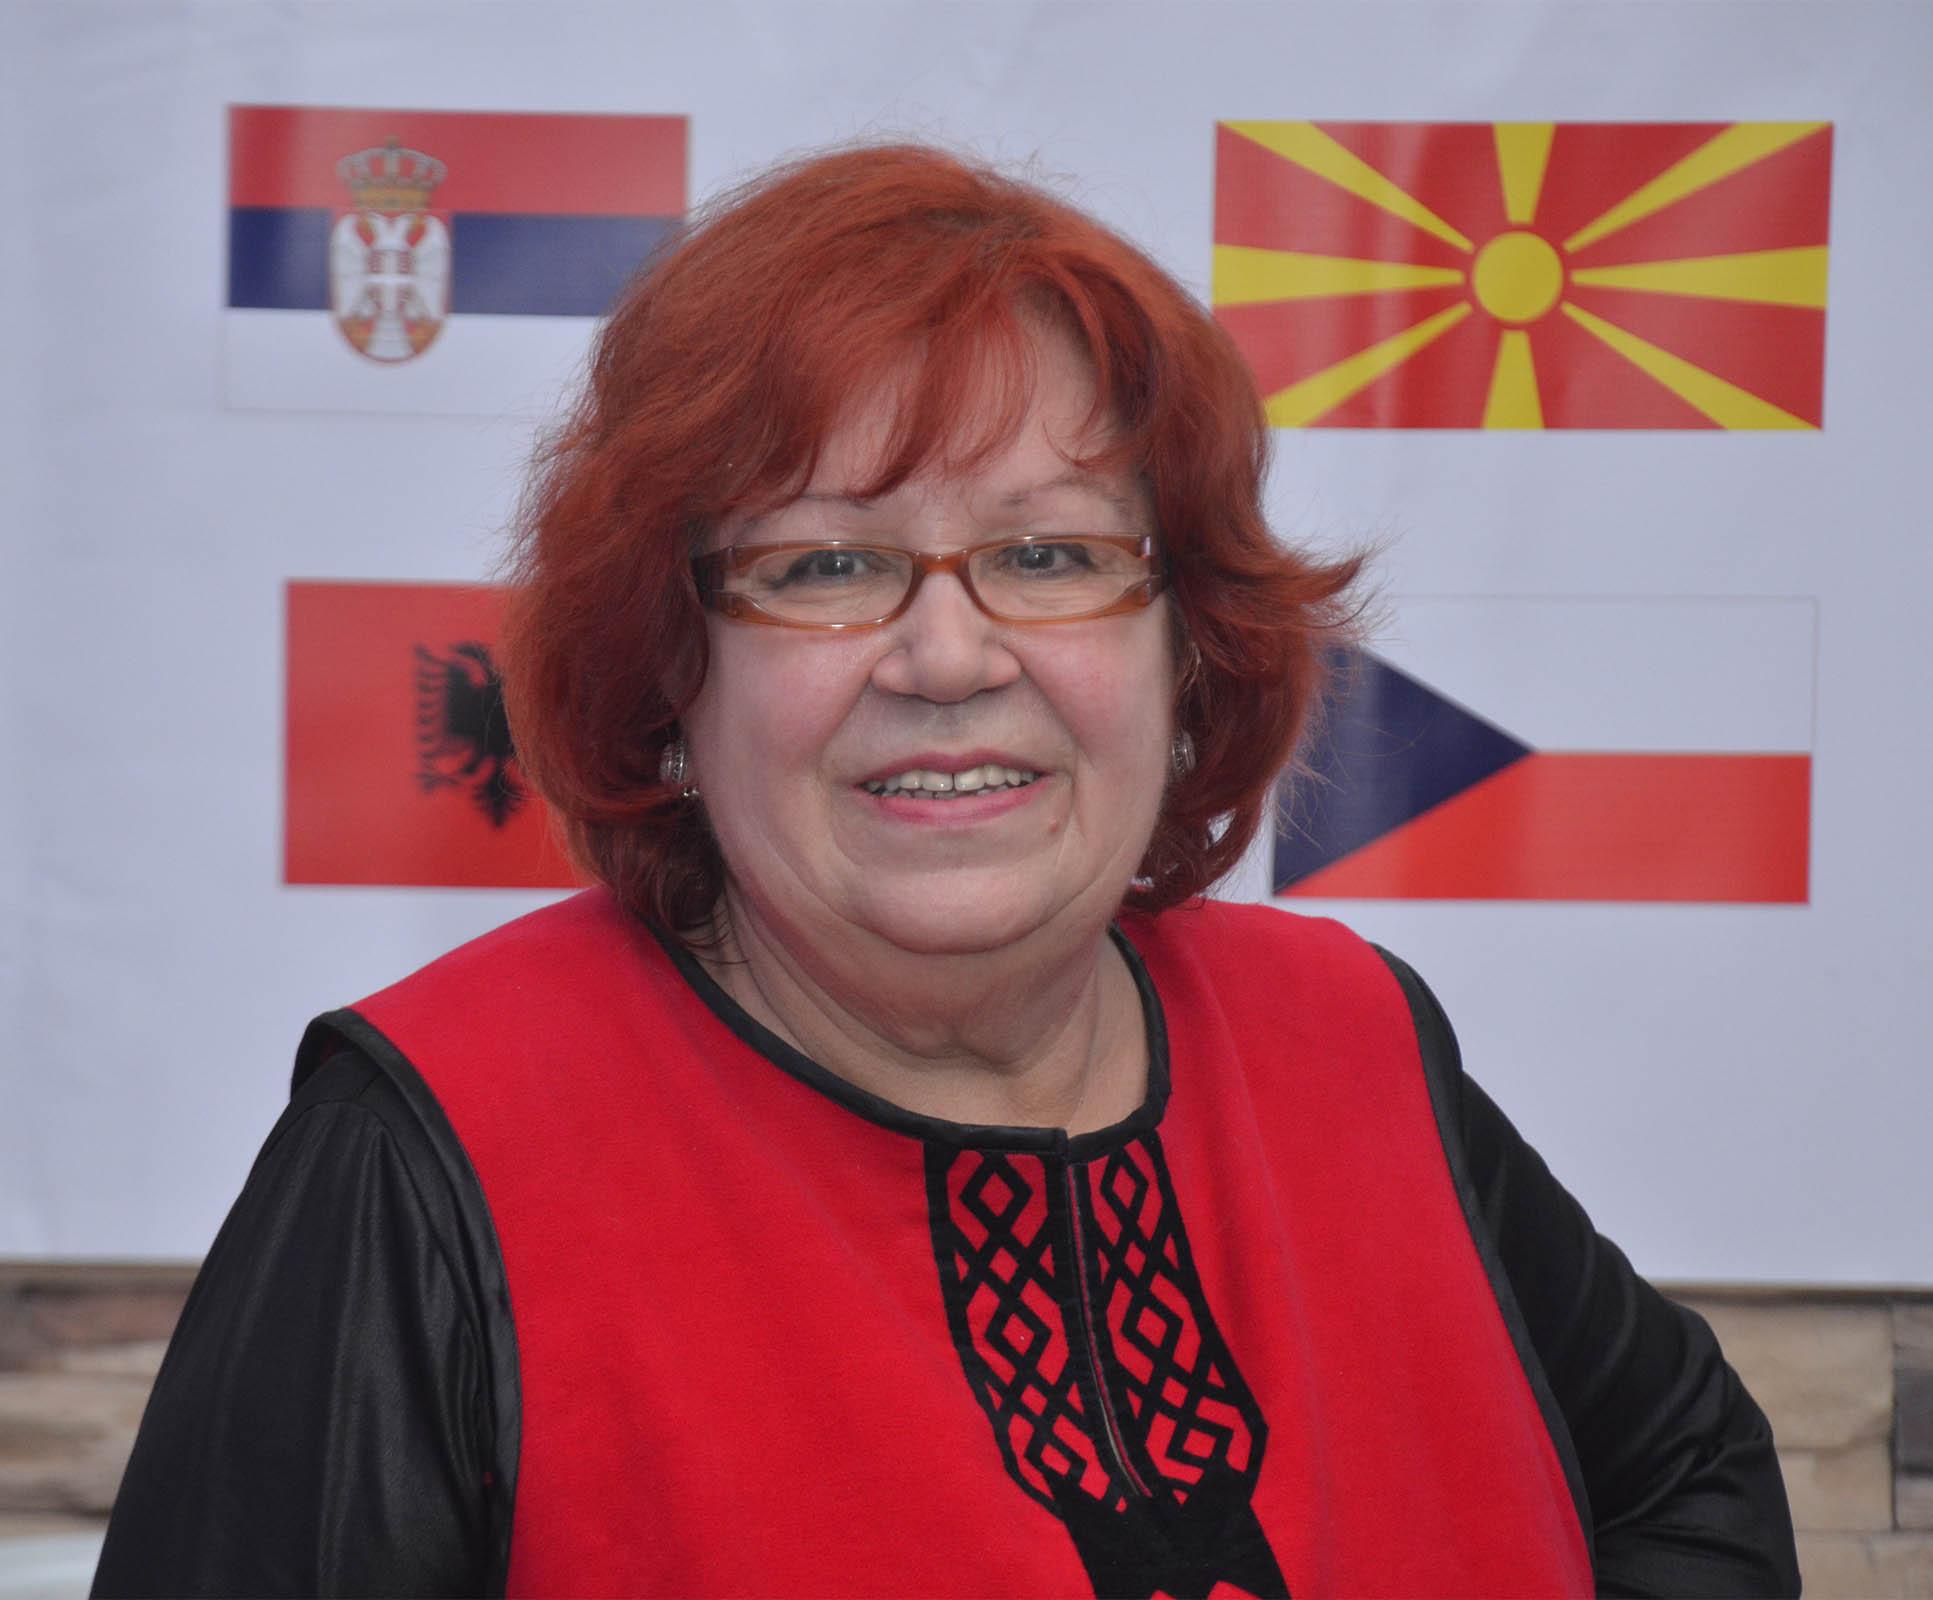 Lena Đapić